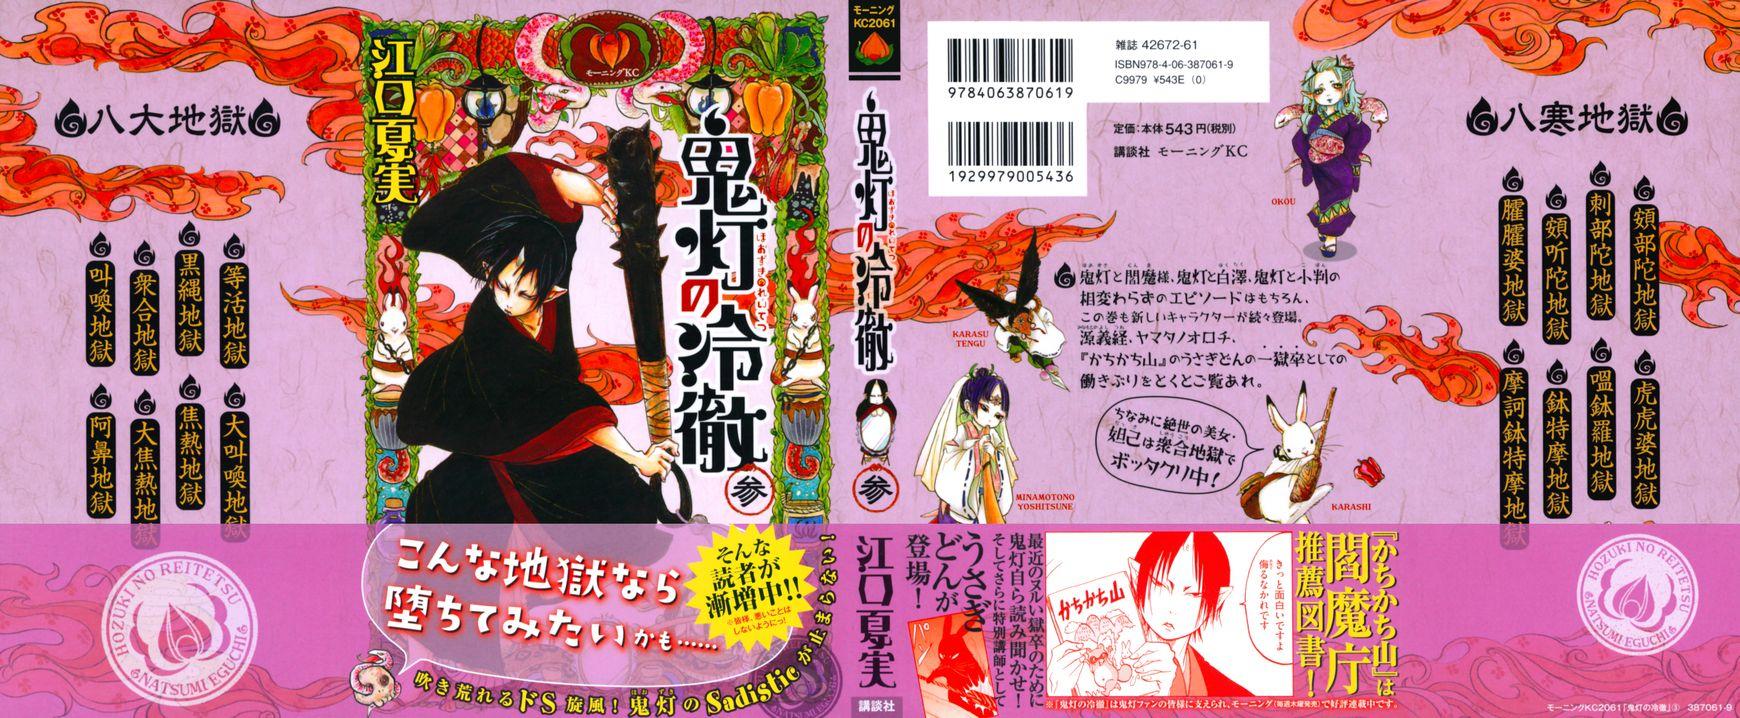 Hoozuki no Reitetsu 13 Page 1